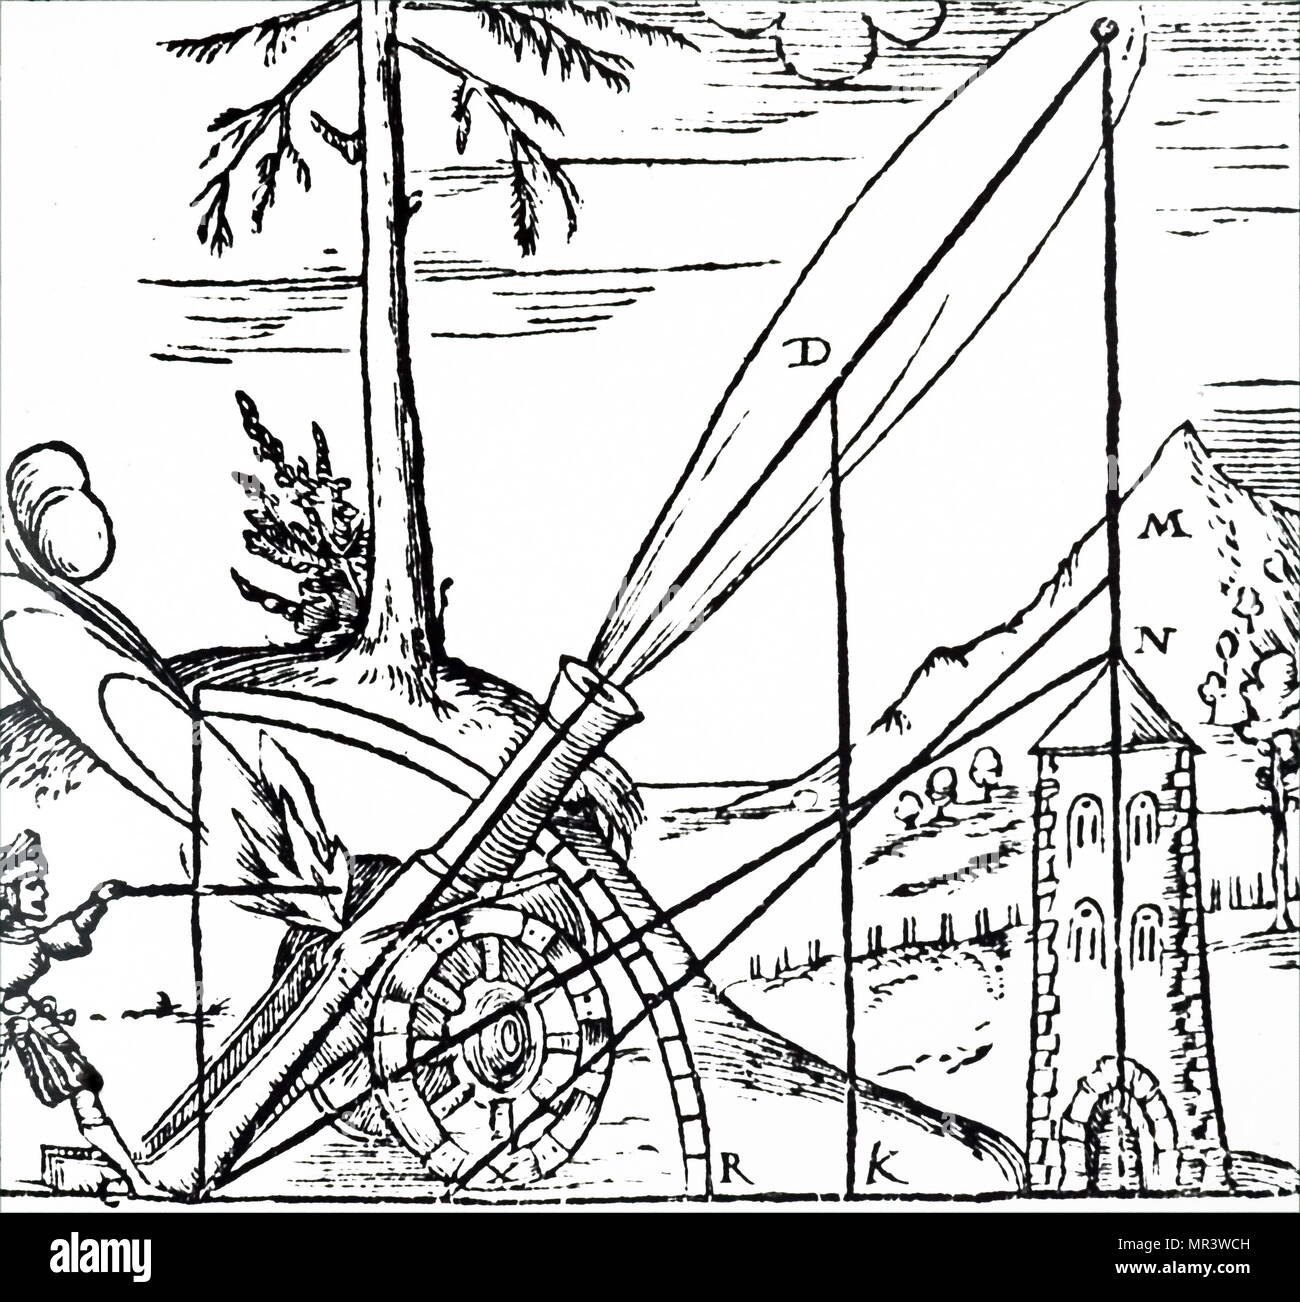 Darstellung der aristotelischen Konzept der Weg des Geschosses. Da er glaubte, kein Körper mehr als eine Bewegung in einer Zeit verpflichten konnten, der Weg hatte von zwei getrennte Bewegungen in einer geraden Linie zu bestehen. Vom 16. Jahrhundert Stockbild